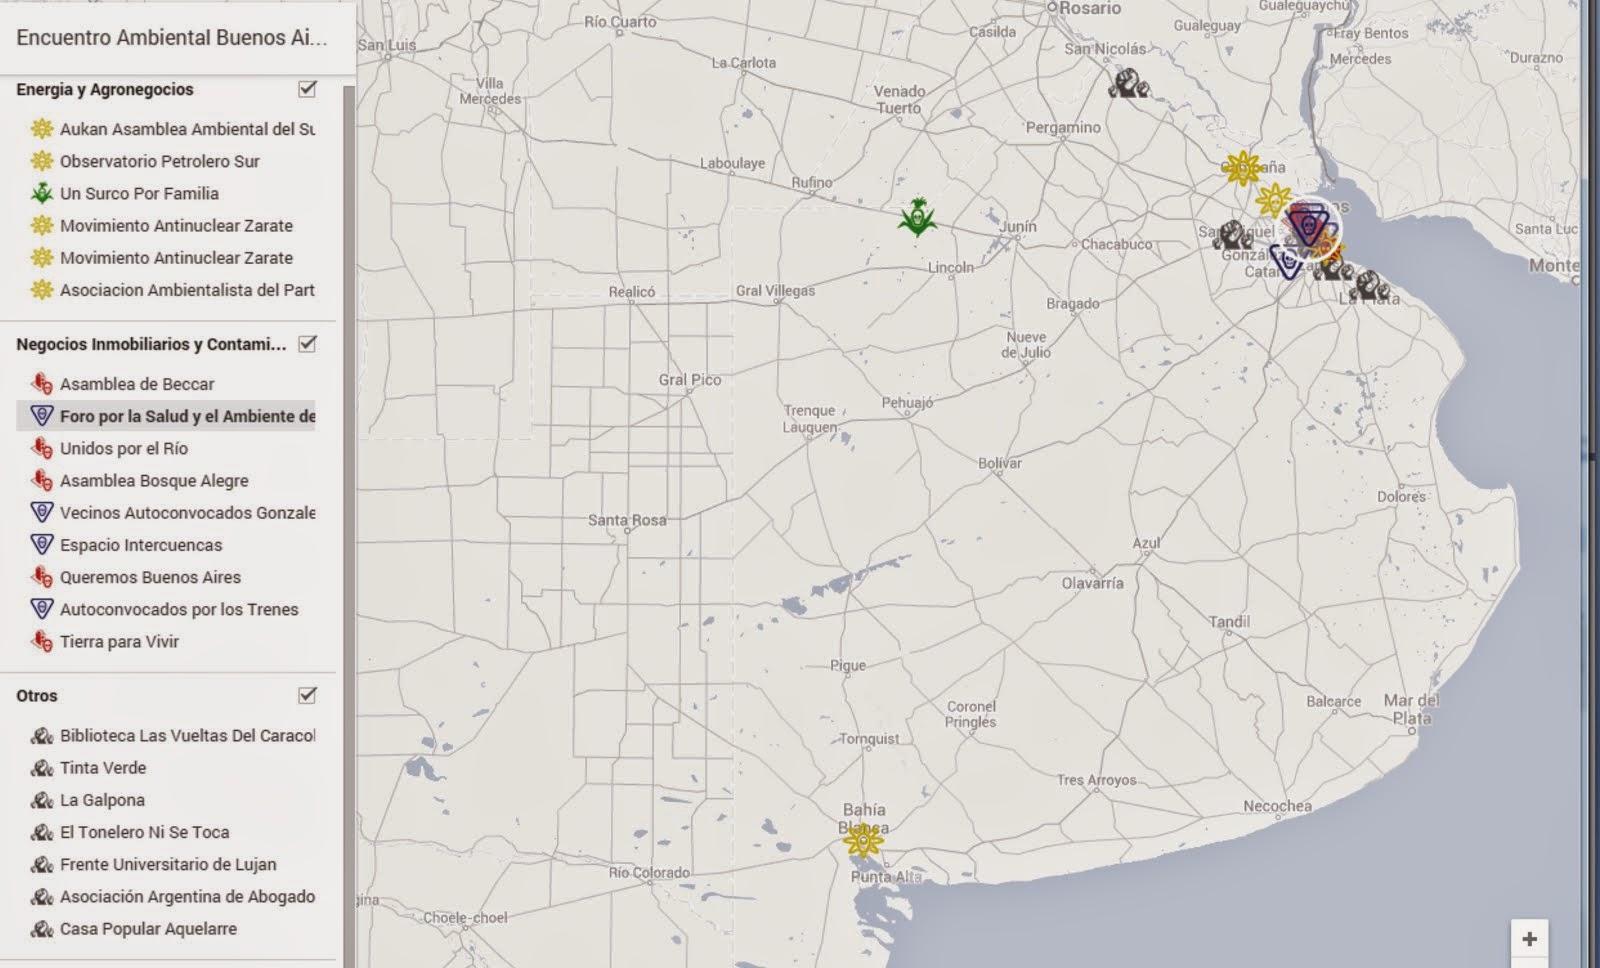 mapa de asambleas y organizaciones